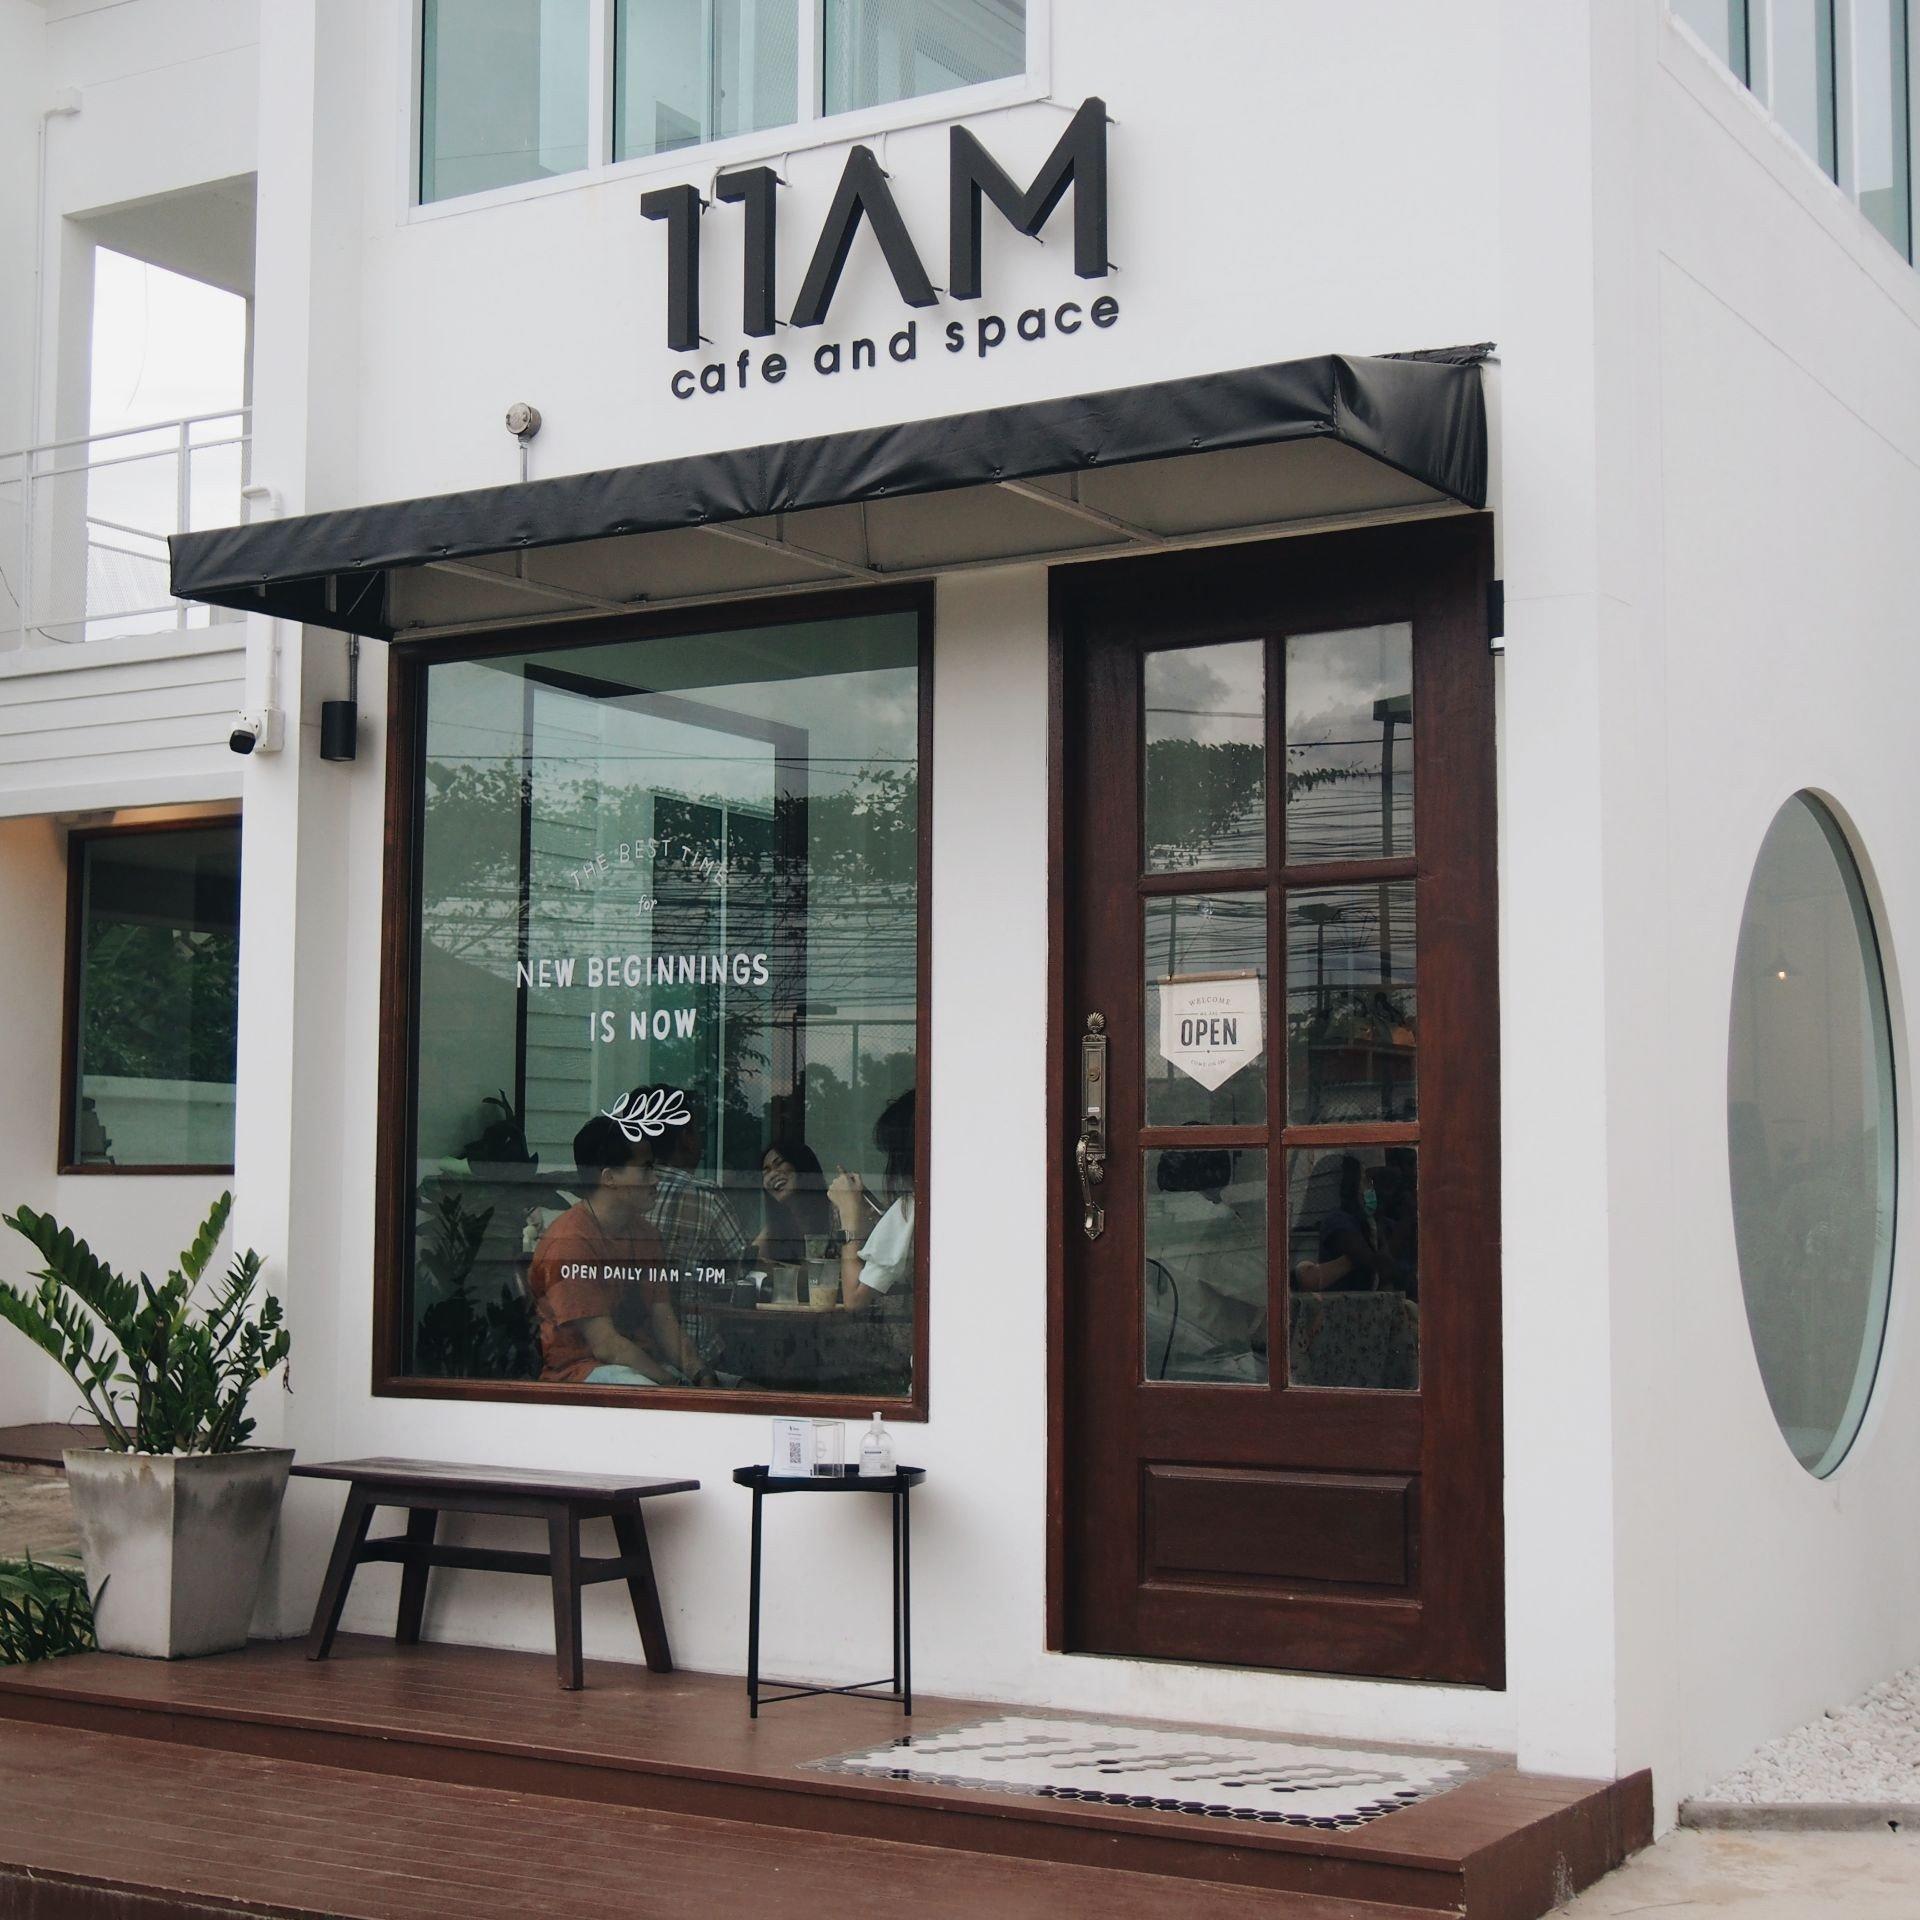 รีวิว 11AM cafe and space - คาเฟ่สไตล์มินิมอลของ influencer ผู้น่ารัก✨ -  Wongnai